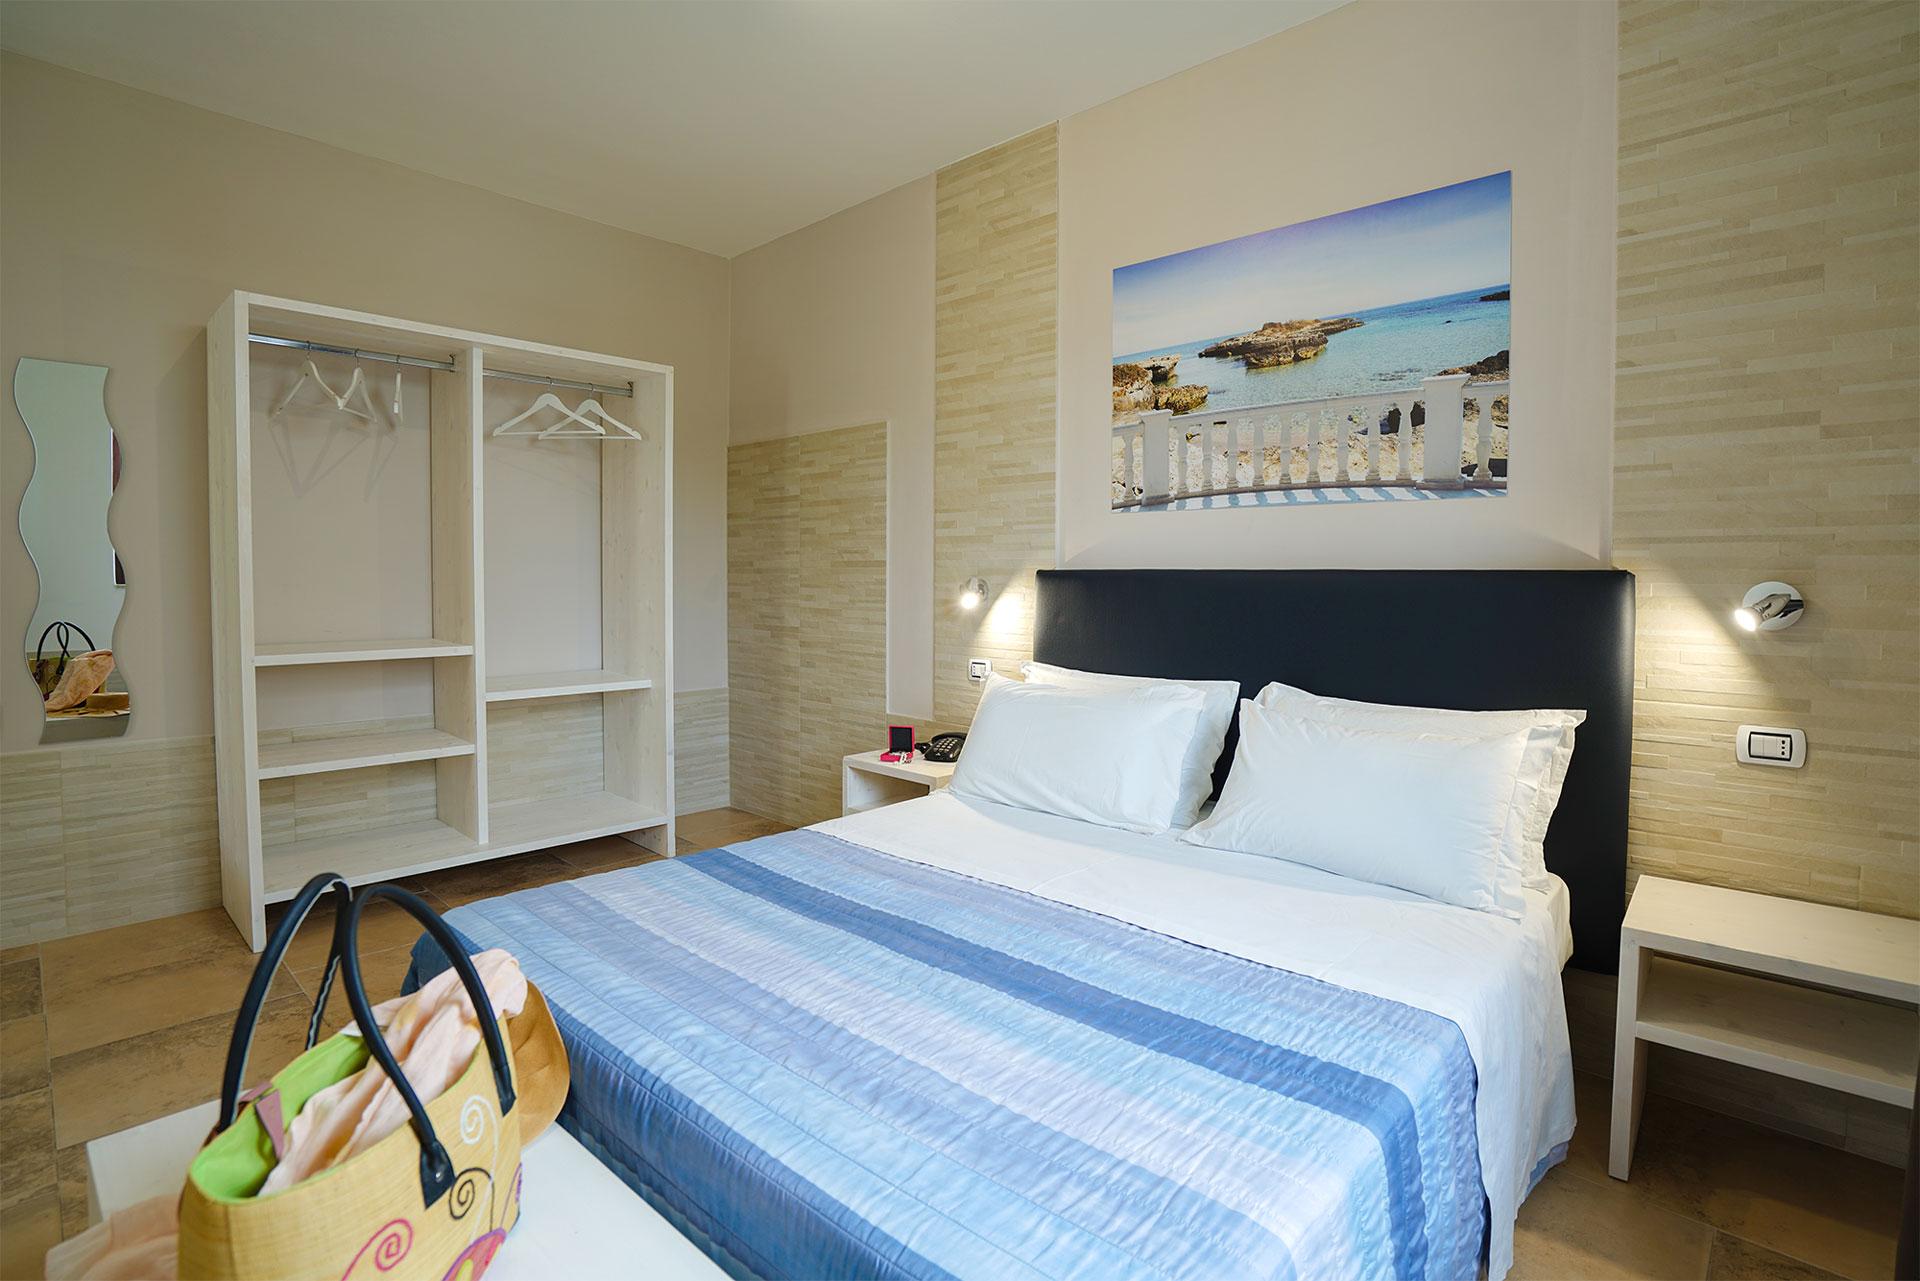 Torre Guaceto Hotel - Camere Doppie